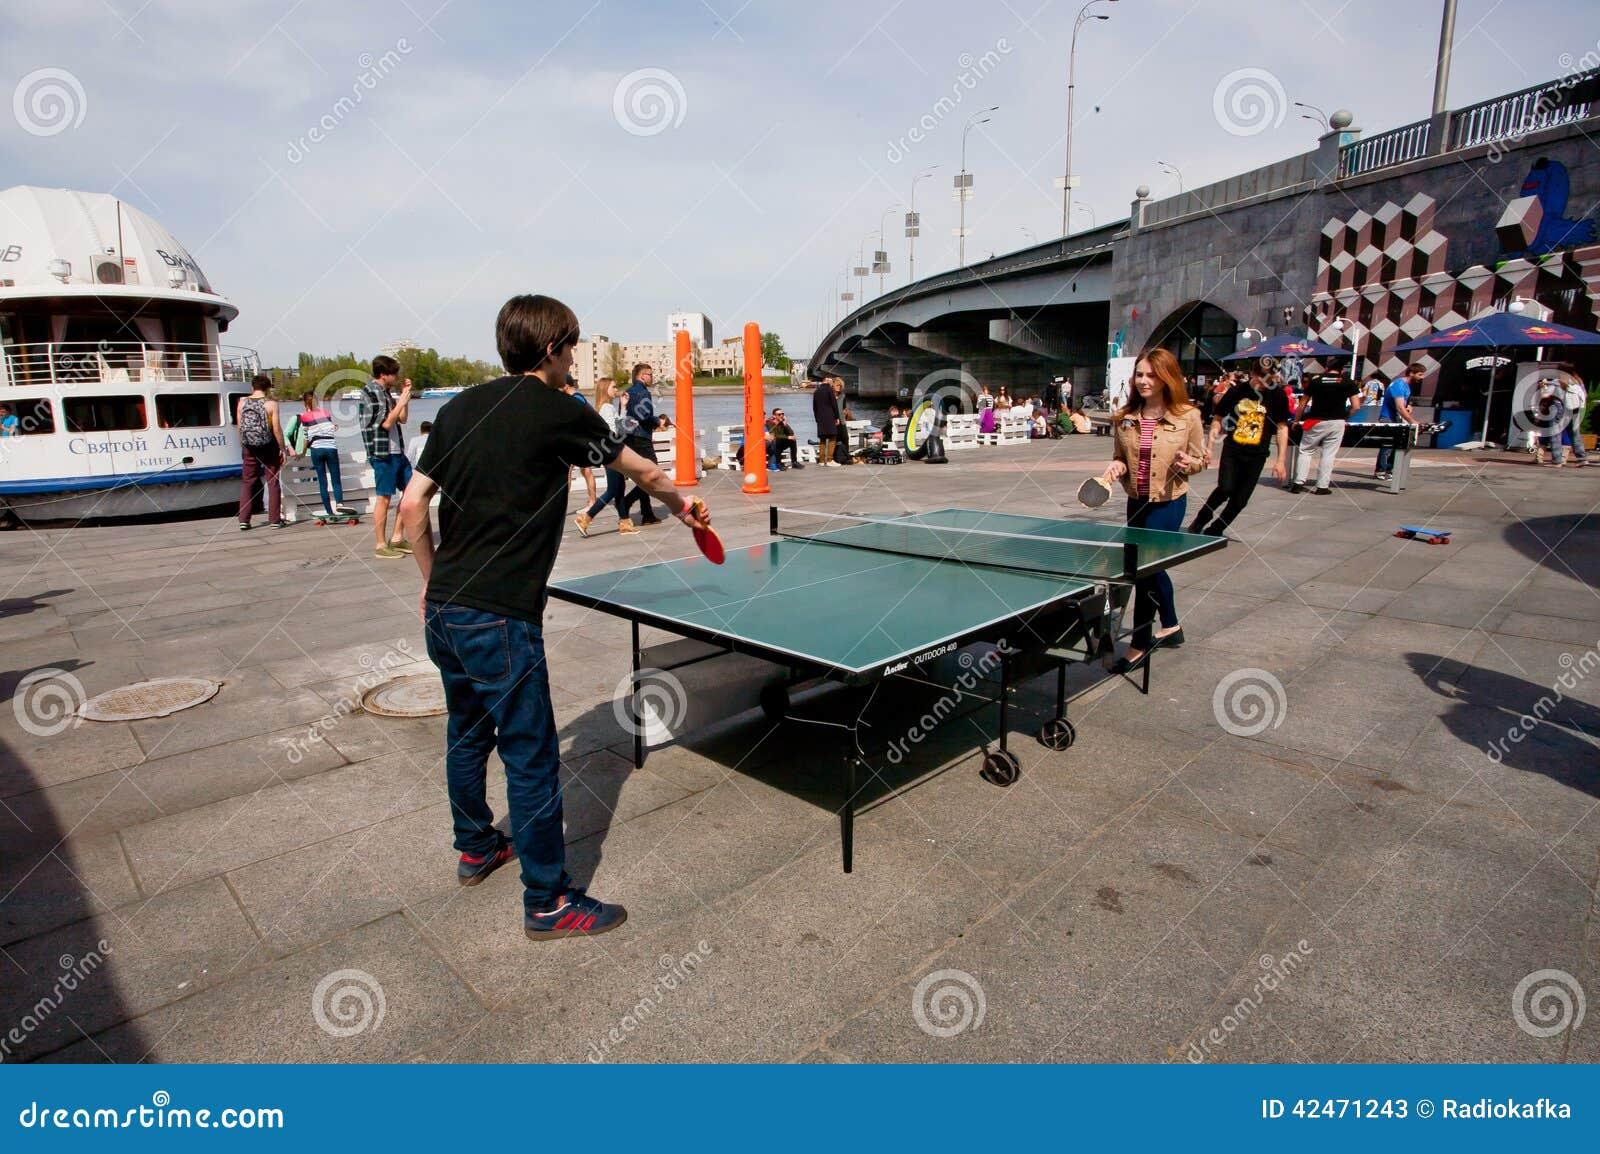 Jugendlich Mädchen und Junge spielen Klingeln pong im Freien